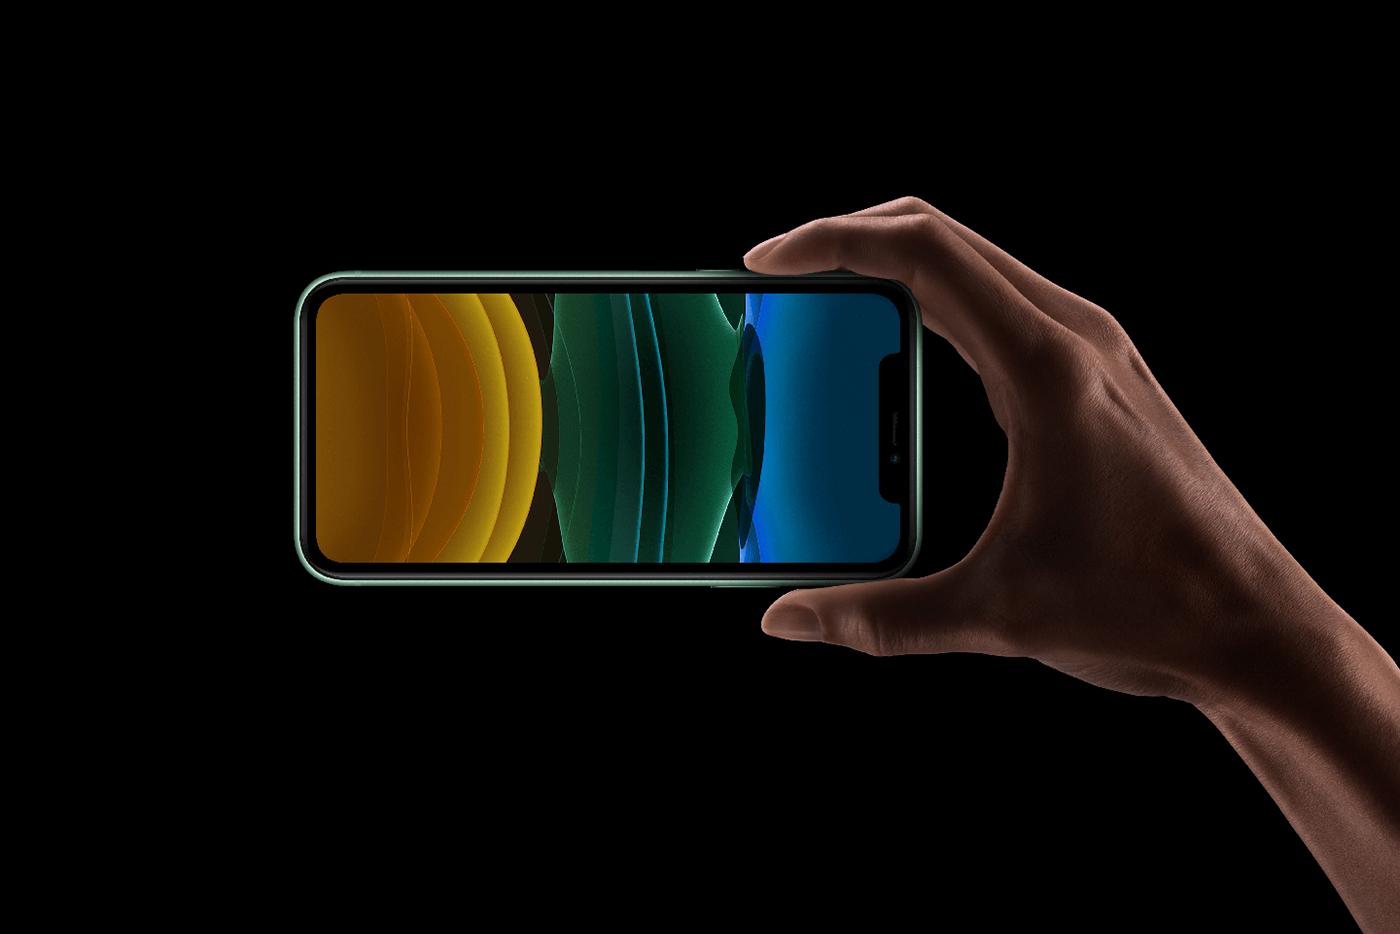 iphone iphone11 Mockup mockups iphone mockups templates new iphone 11 uimarkets